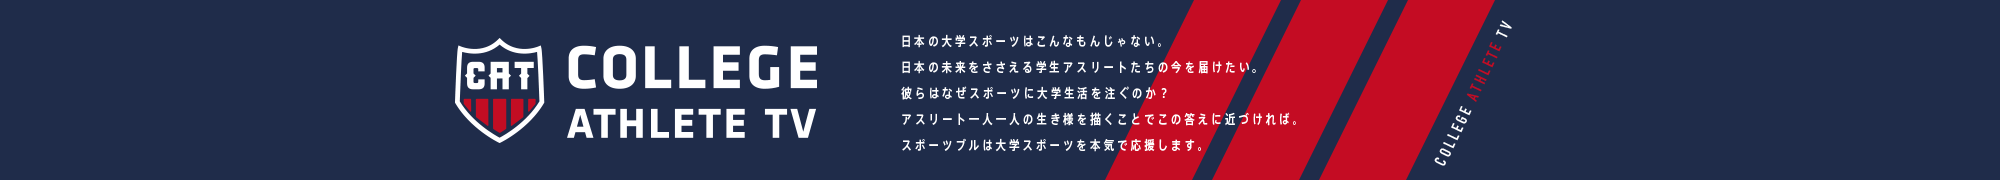 現在東京六大学春季リーグ戦で3位につける早大は、今週末の最終カードで首位法大との最終決戦に臨む。2位の明大は既に全カードを終えており、優勝争いは早大と法大に絞られた。早大が優勝をつ…